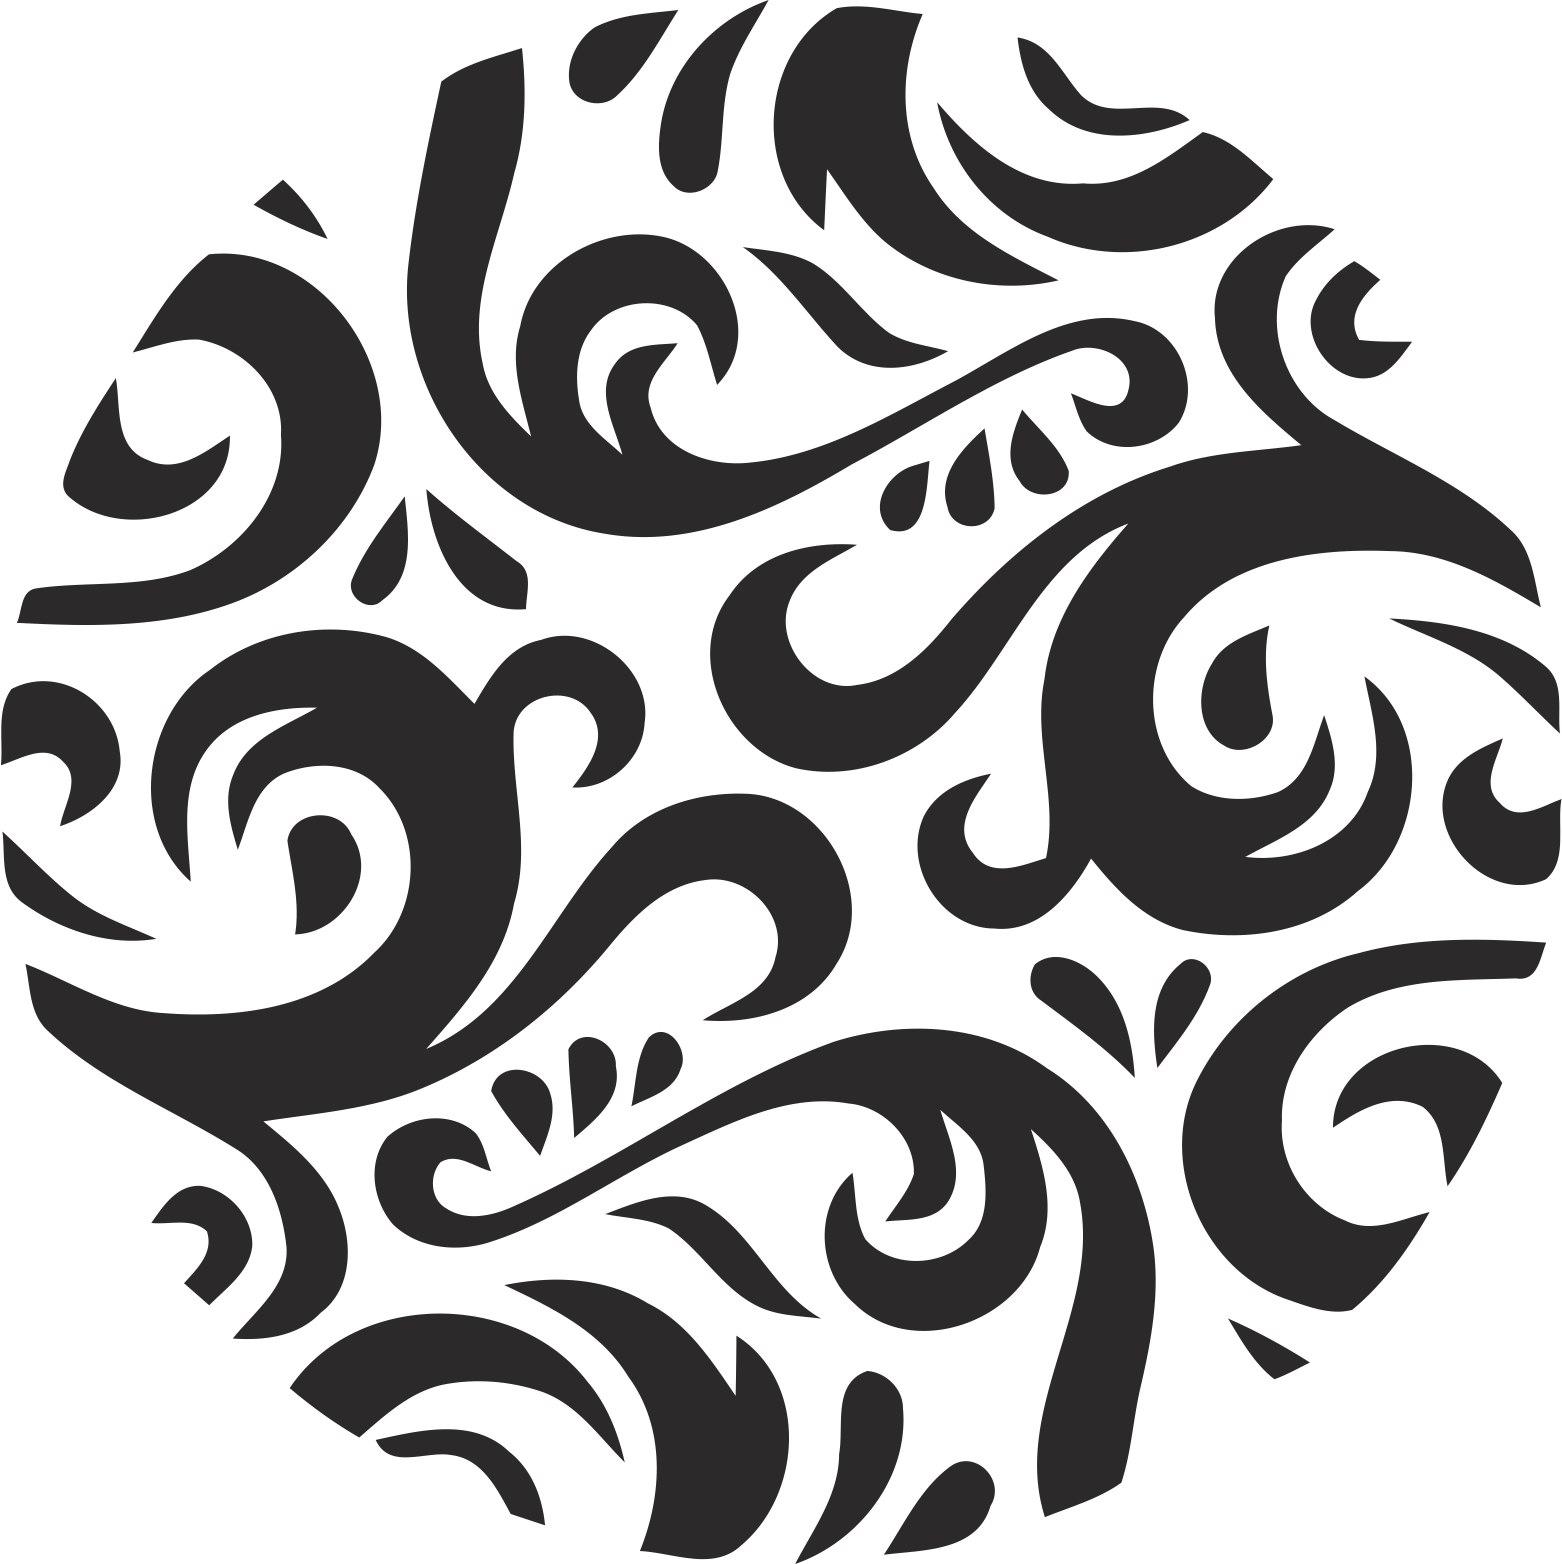 Decor Circle Free Vector